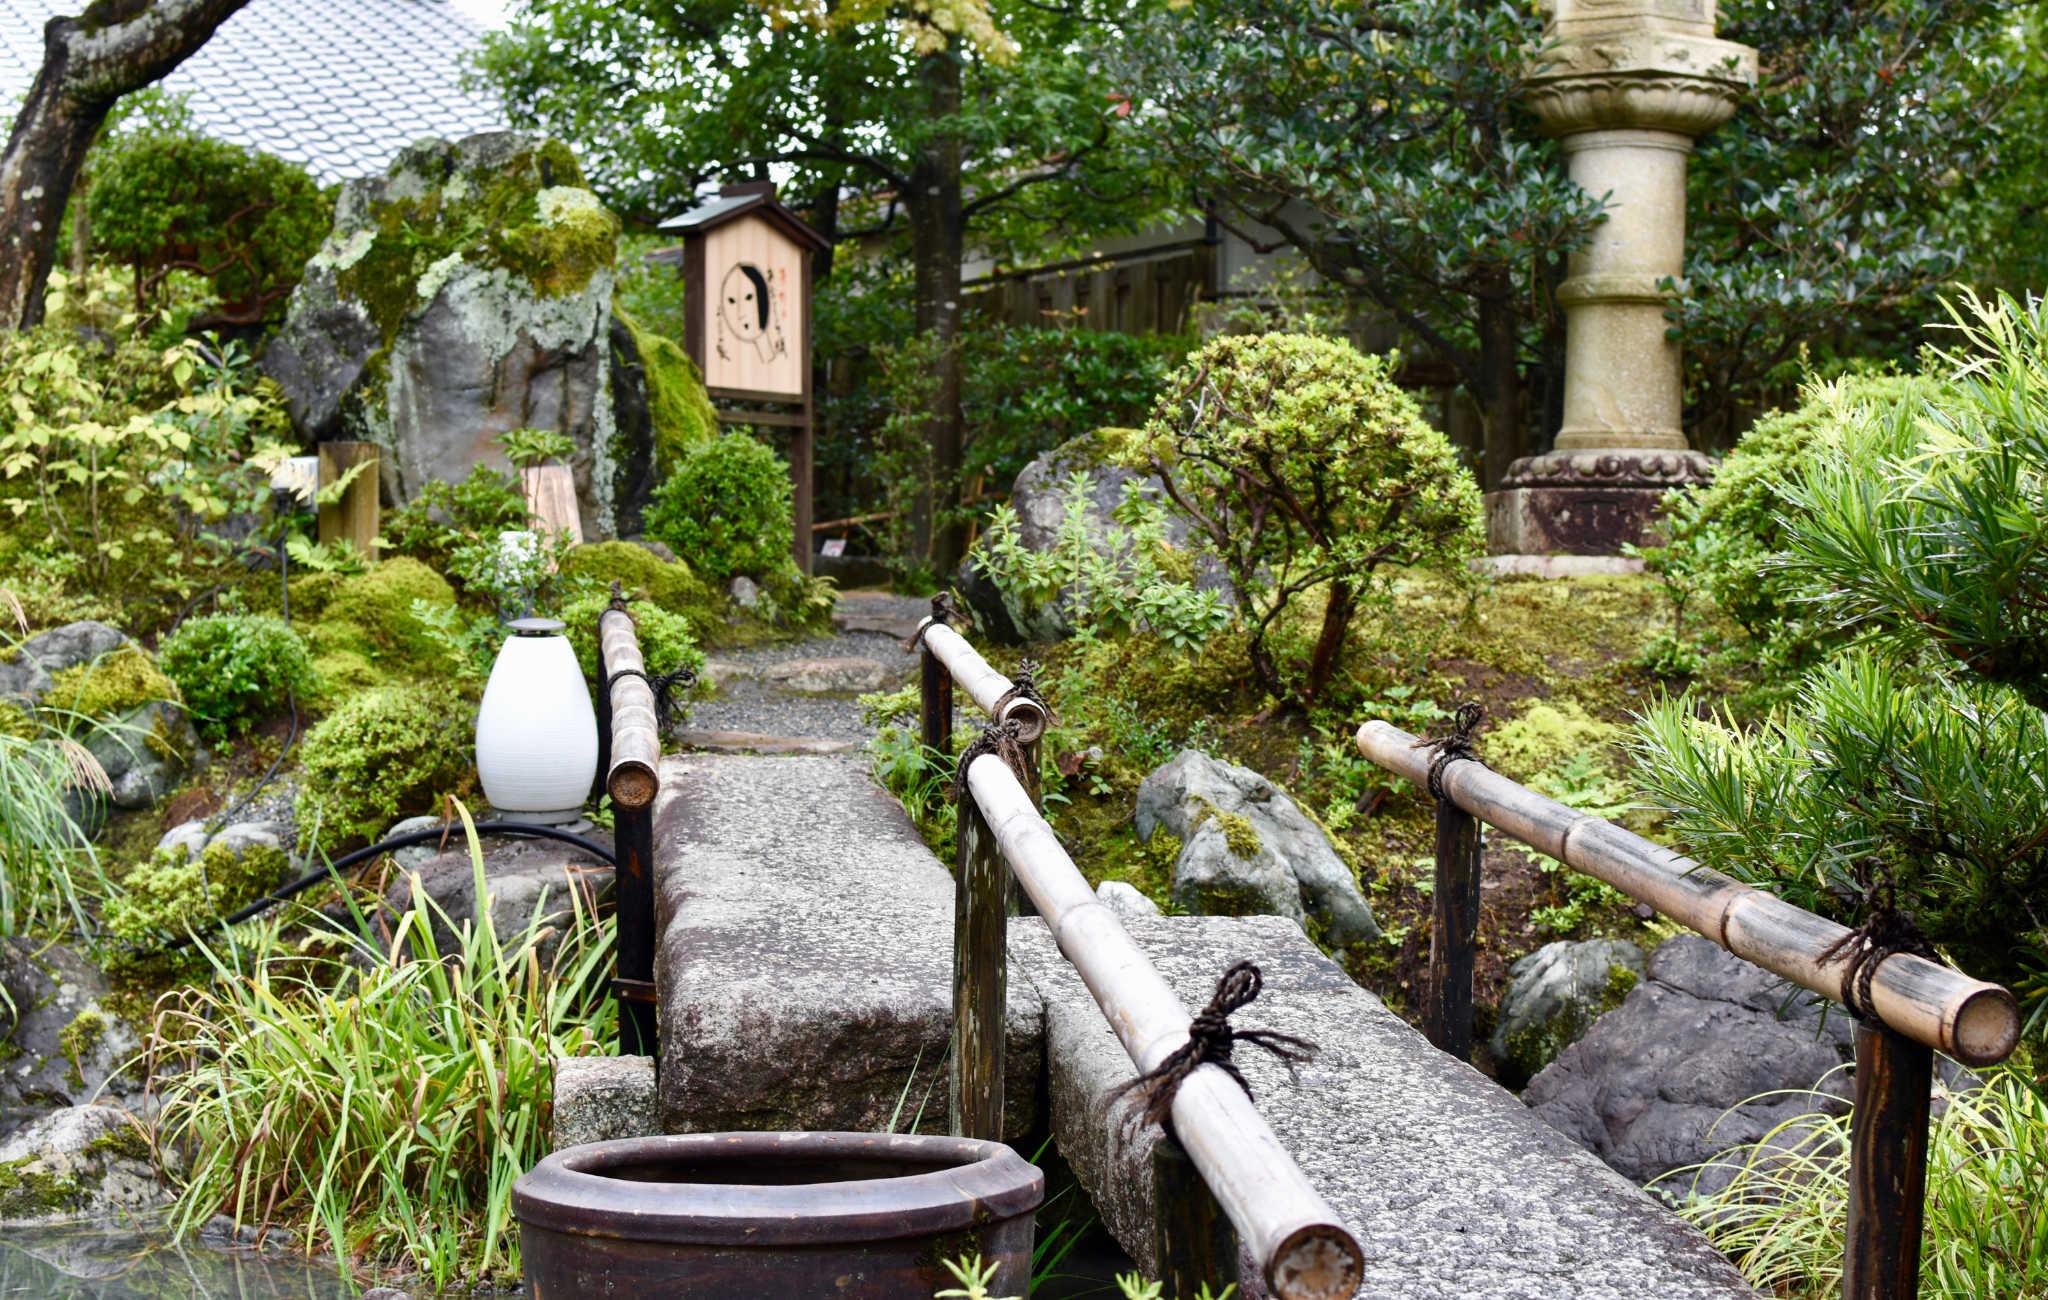 La promenade se fait en traversant de petits ponts de pierre